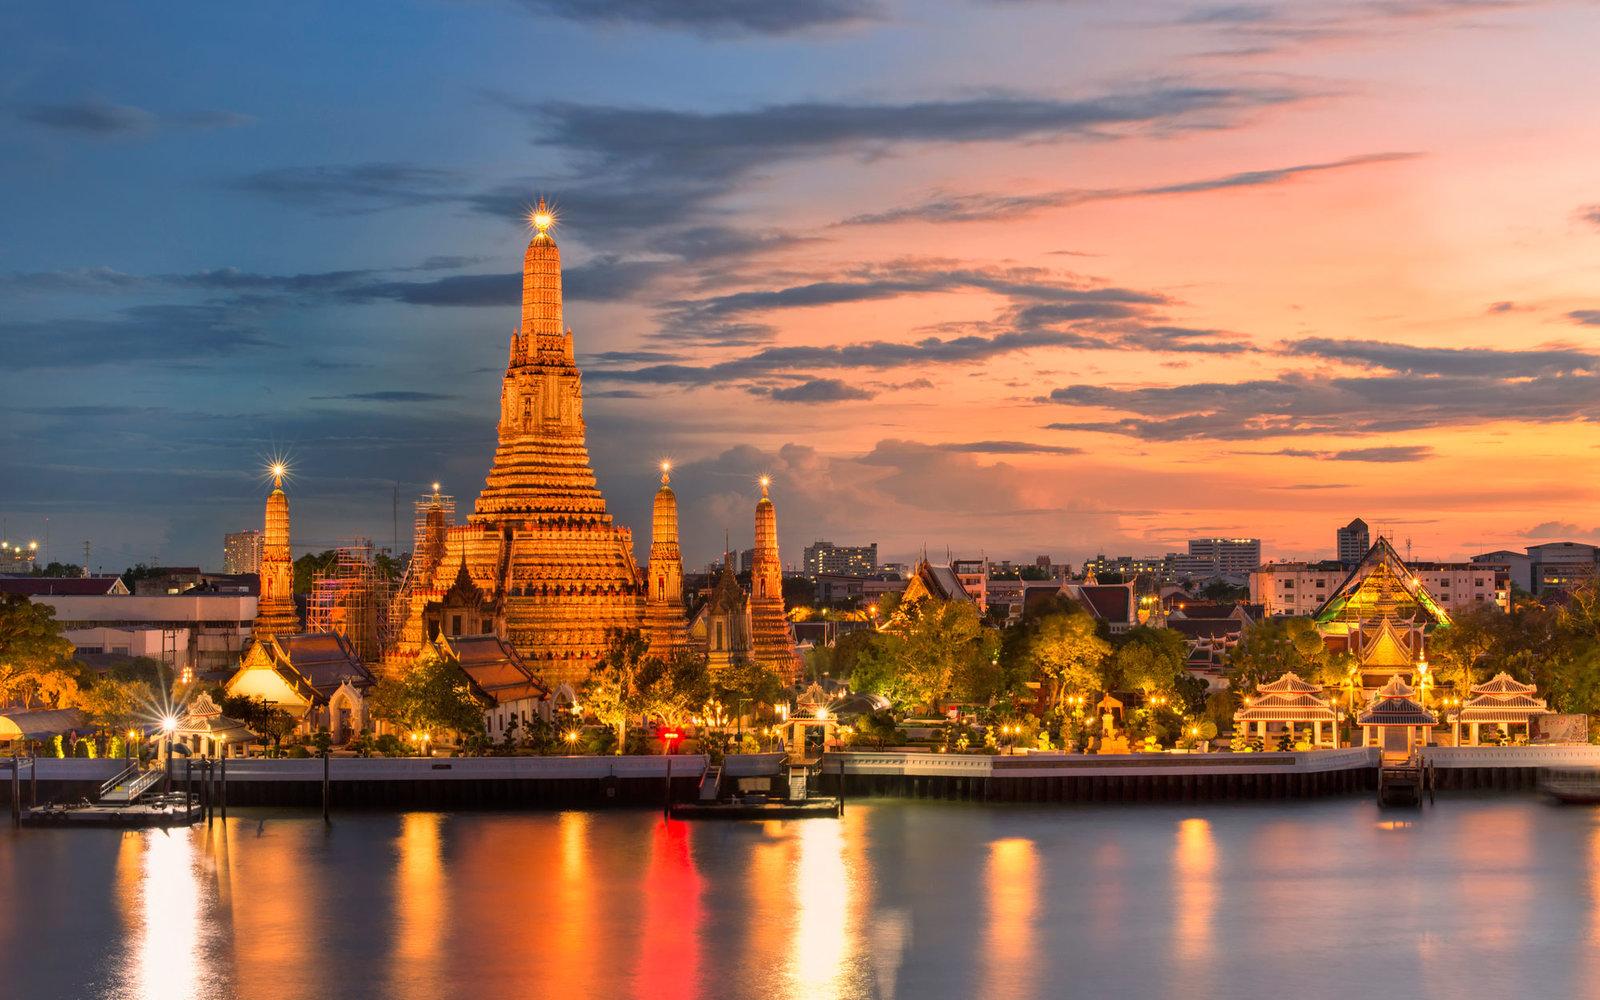 أخطر بلدان العالم التي يقصدها السياح لقضاء عطلاتهم